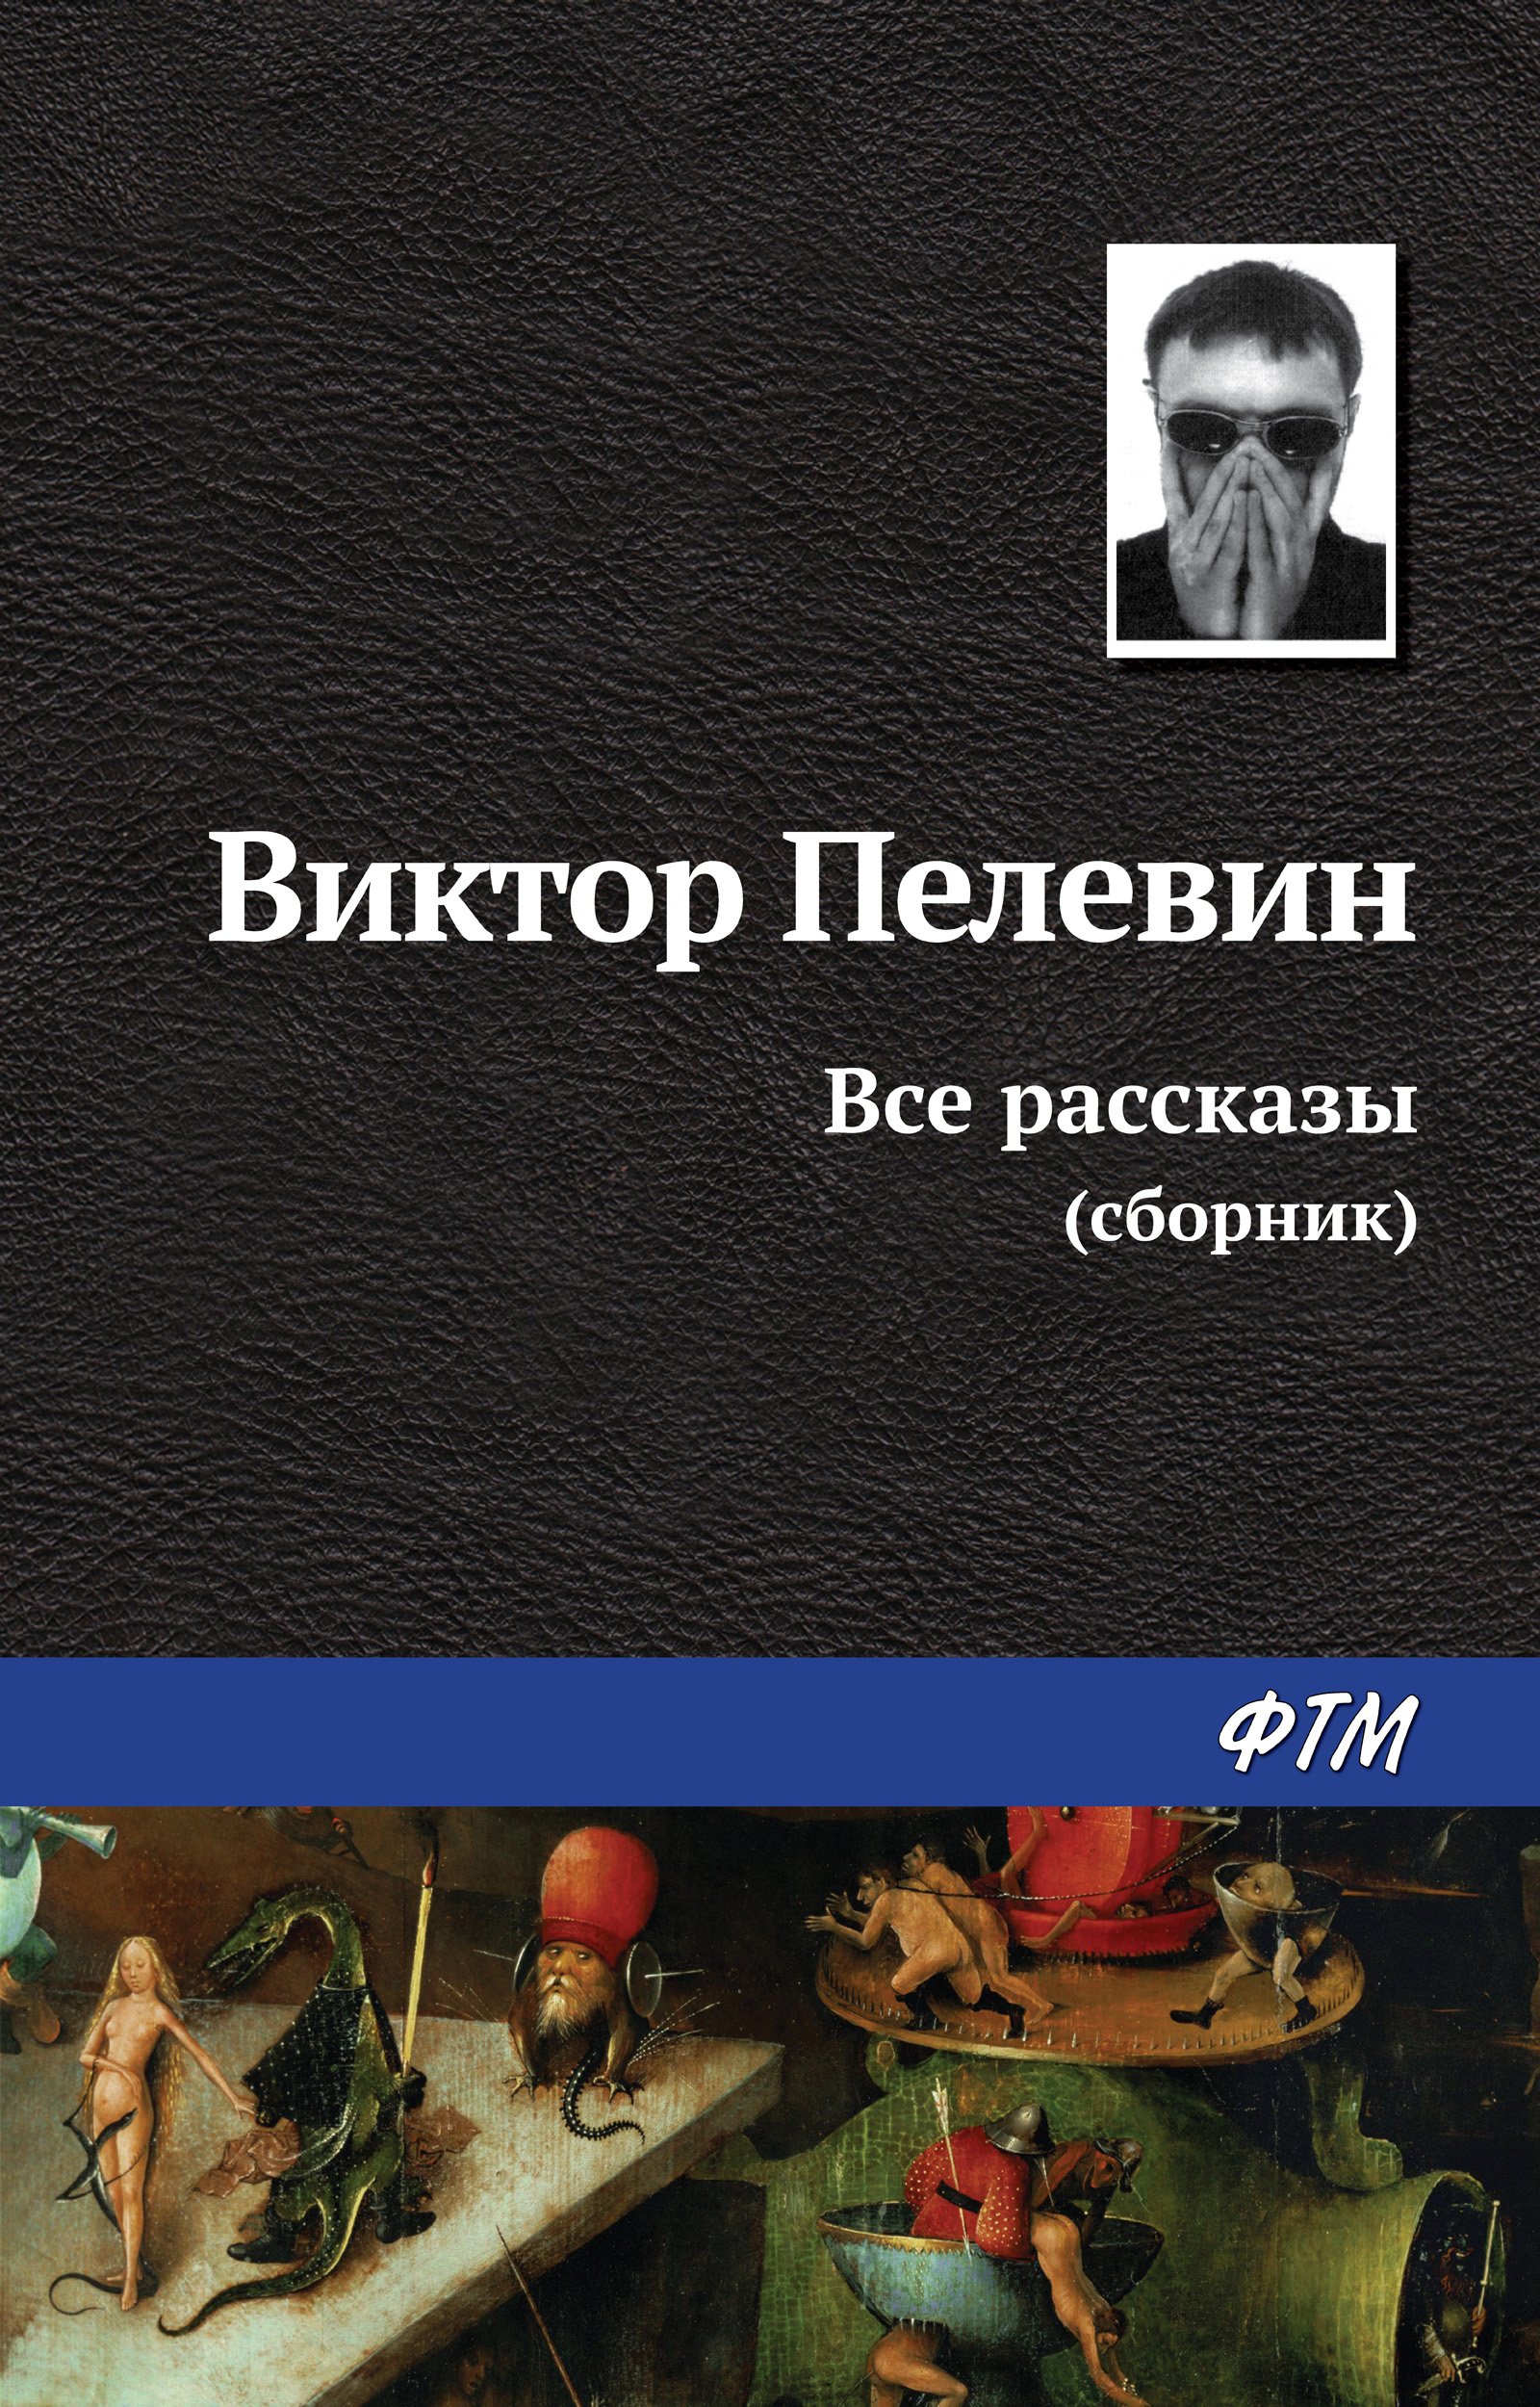 Все рассказы (сборник)